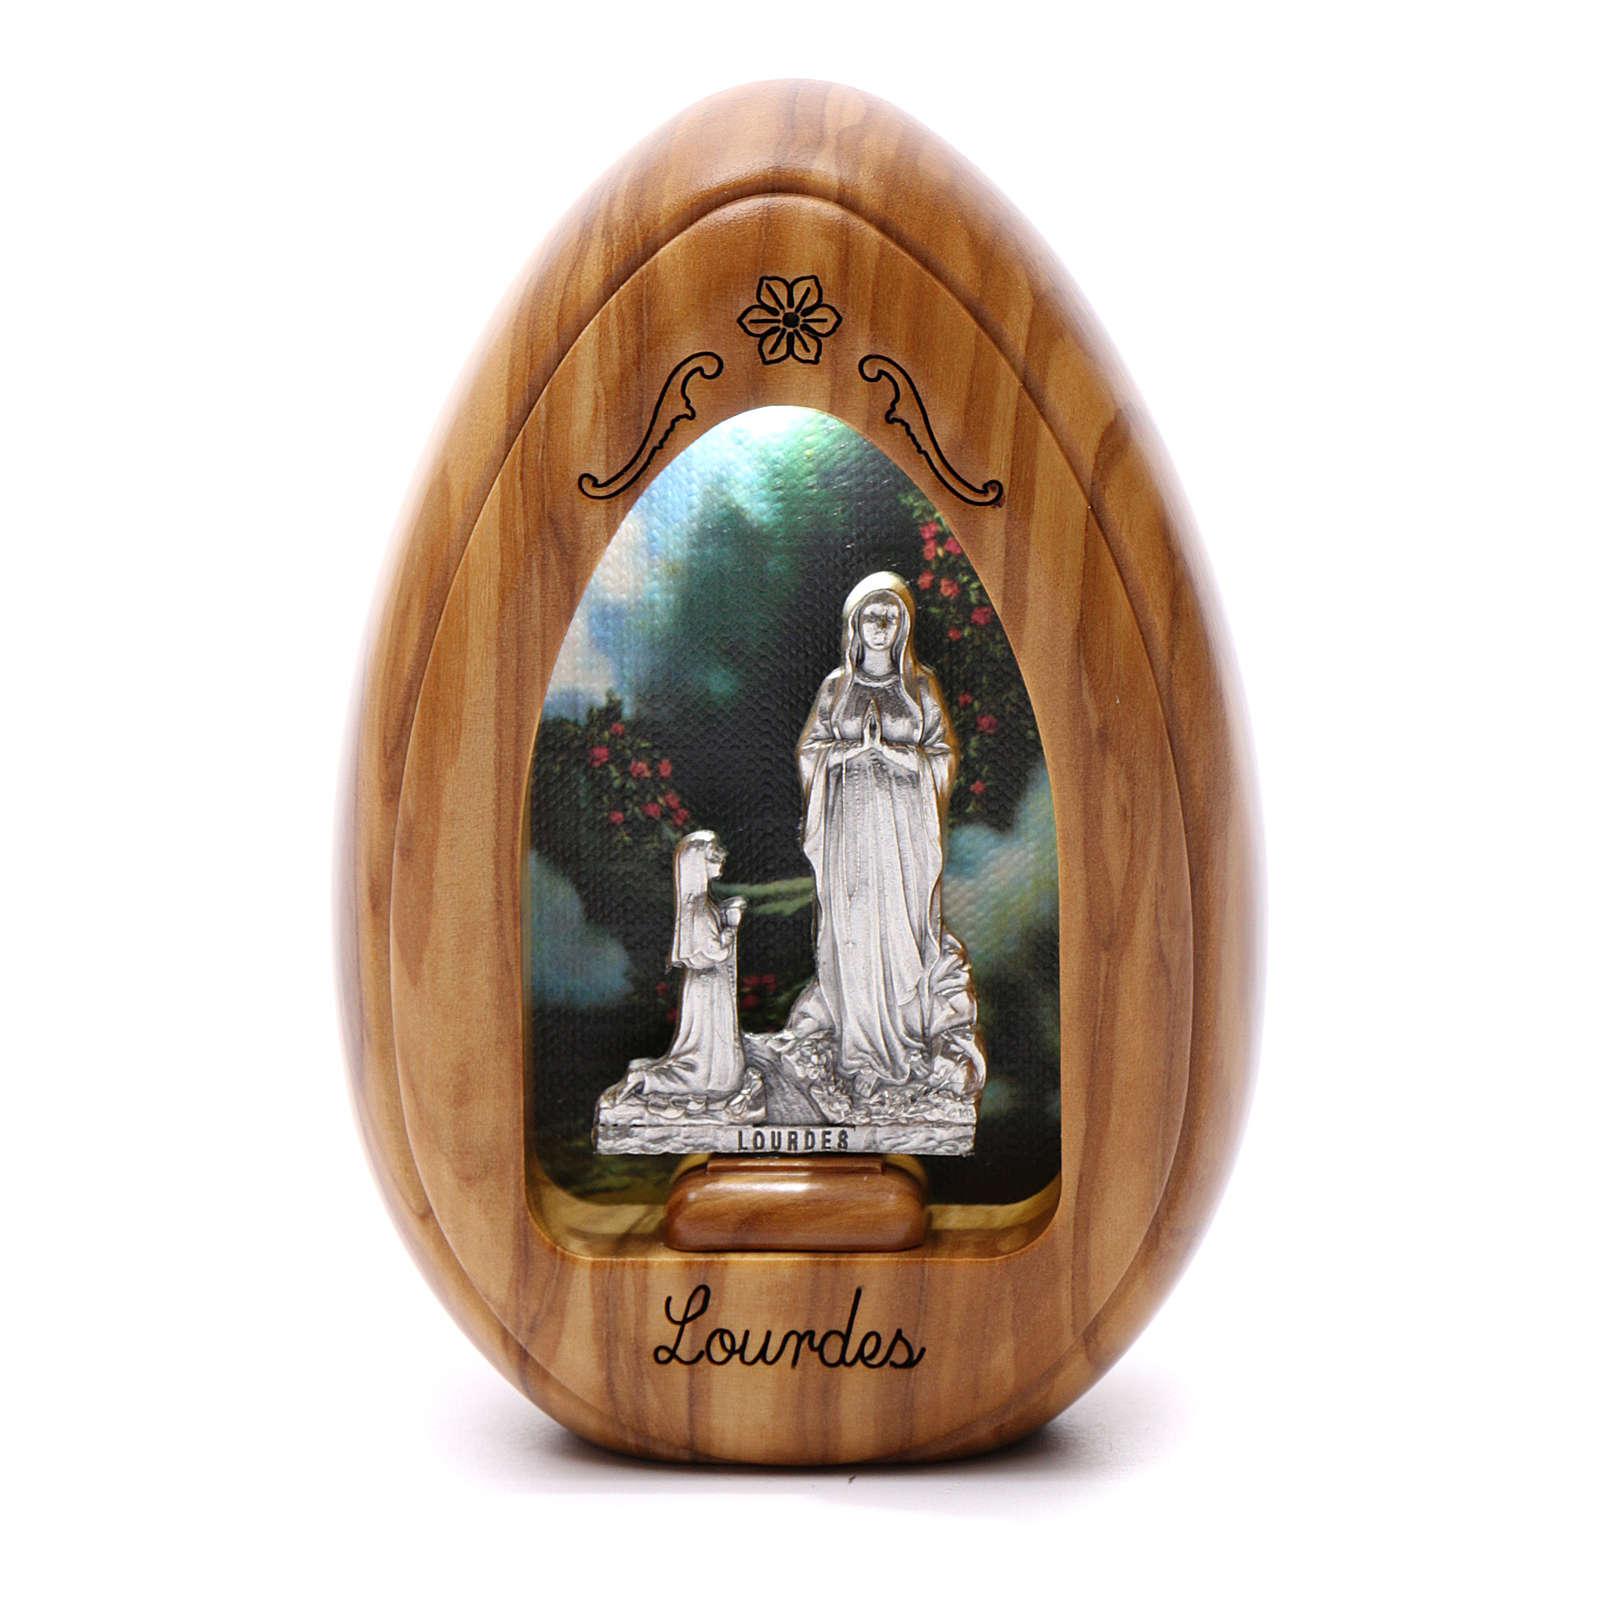 Lamparilla de madera de olivo Lourdes y Bernadette con led 10x7 cm 3